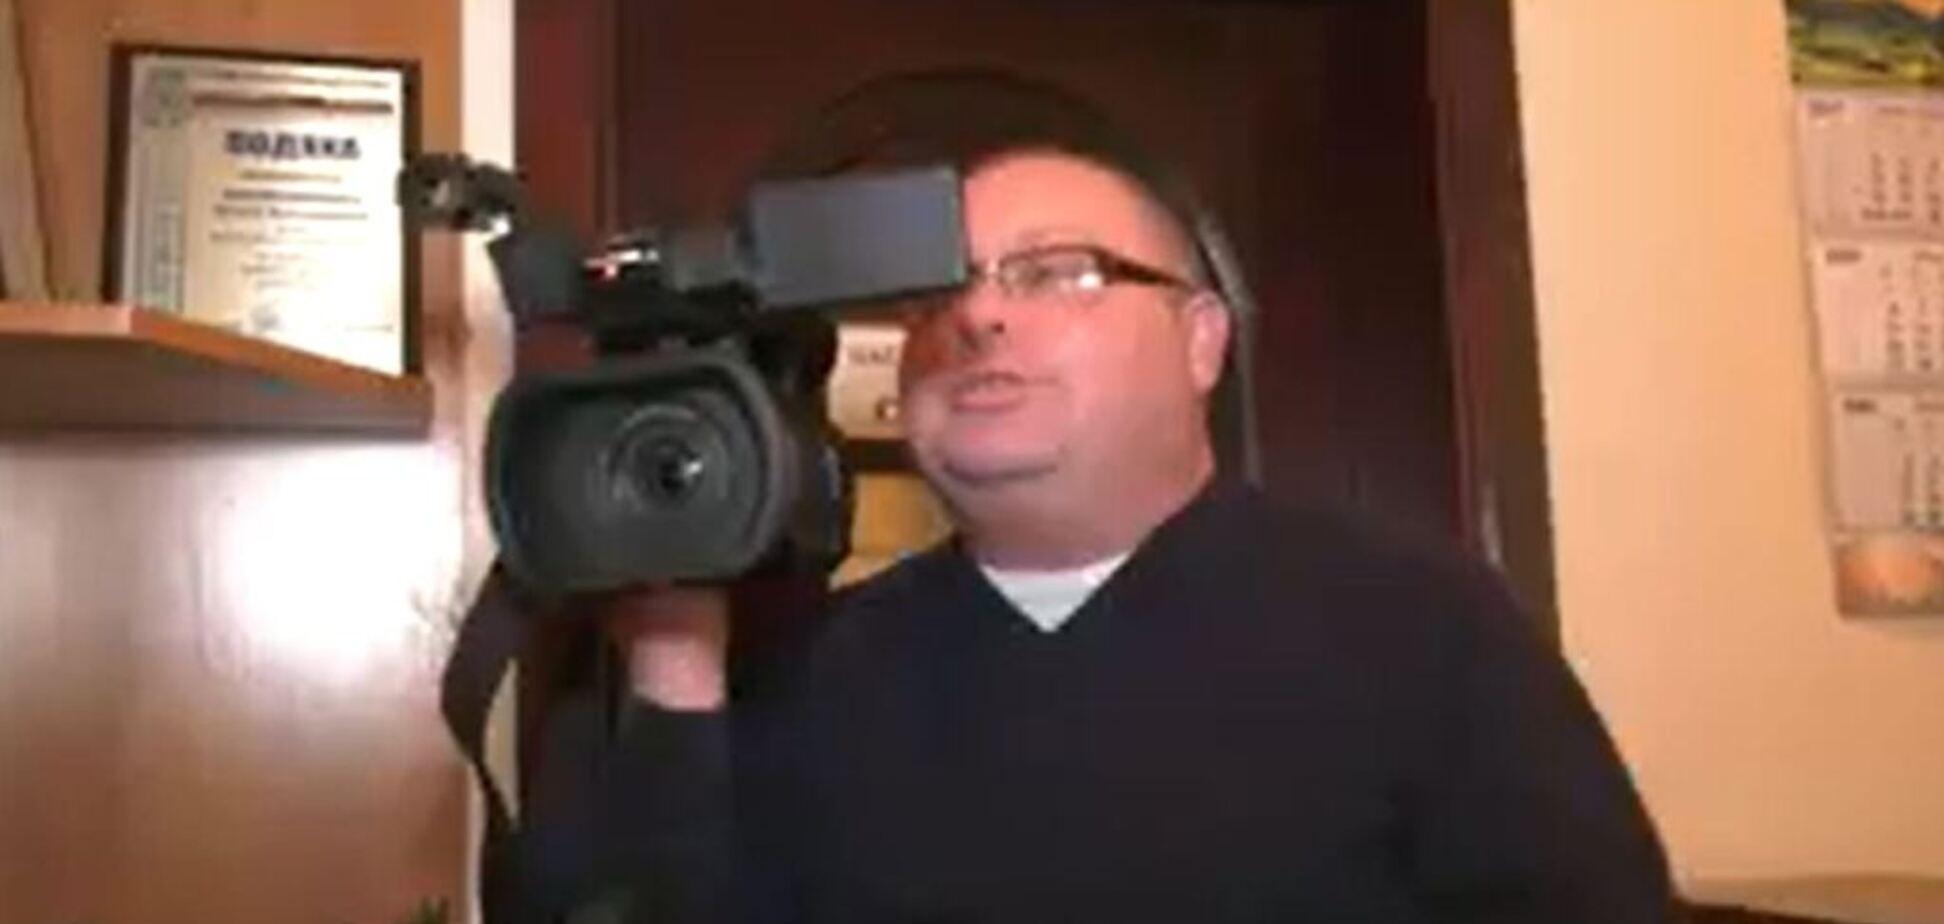 'Вон отсюда!' Советник скандальной киевской чиновницы закатил истерику на камеру